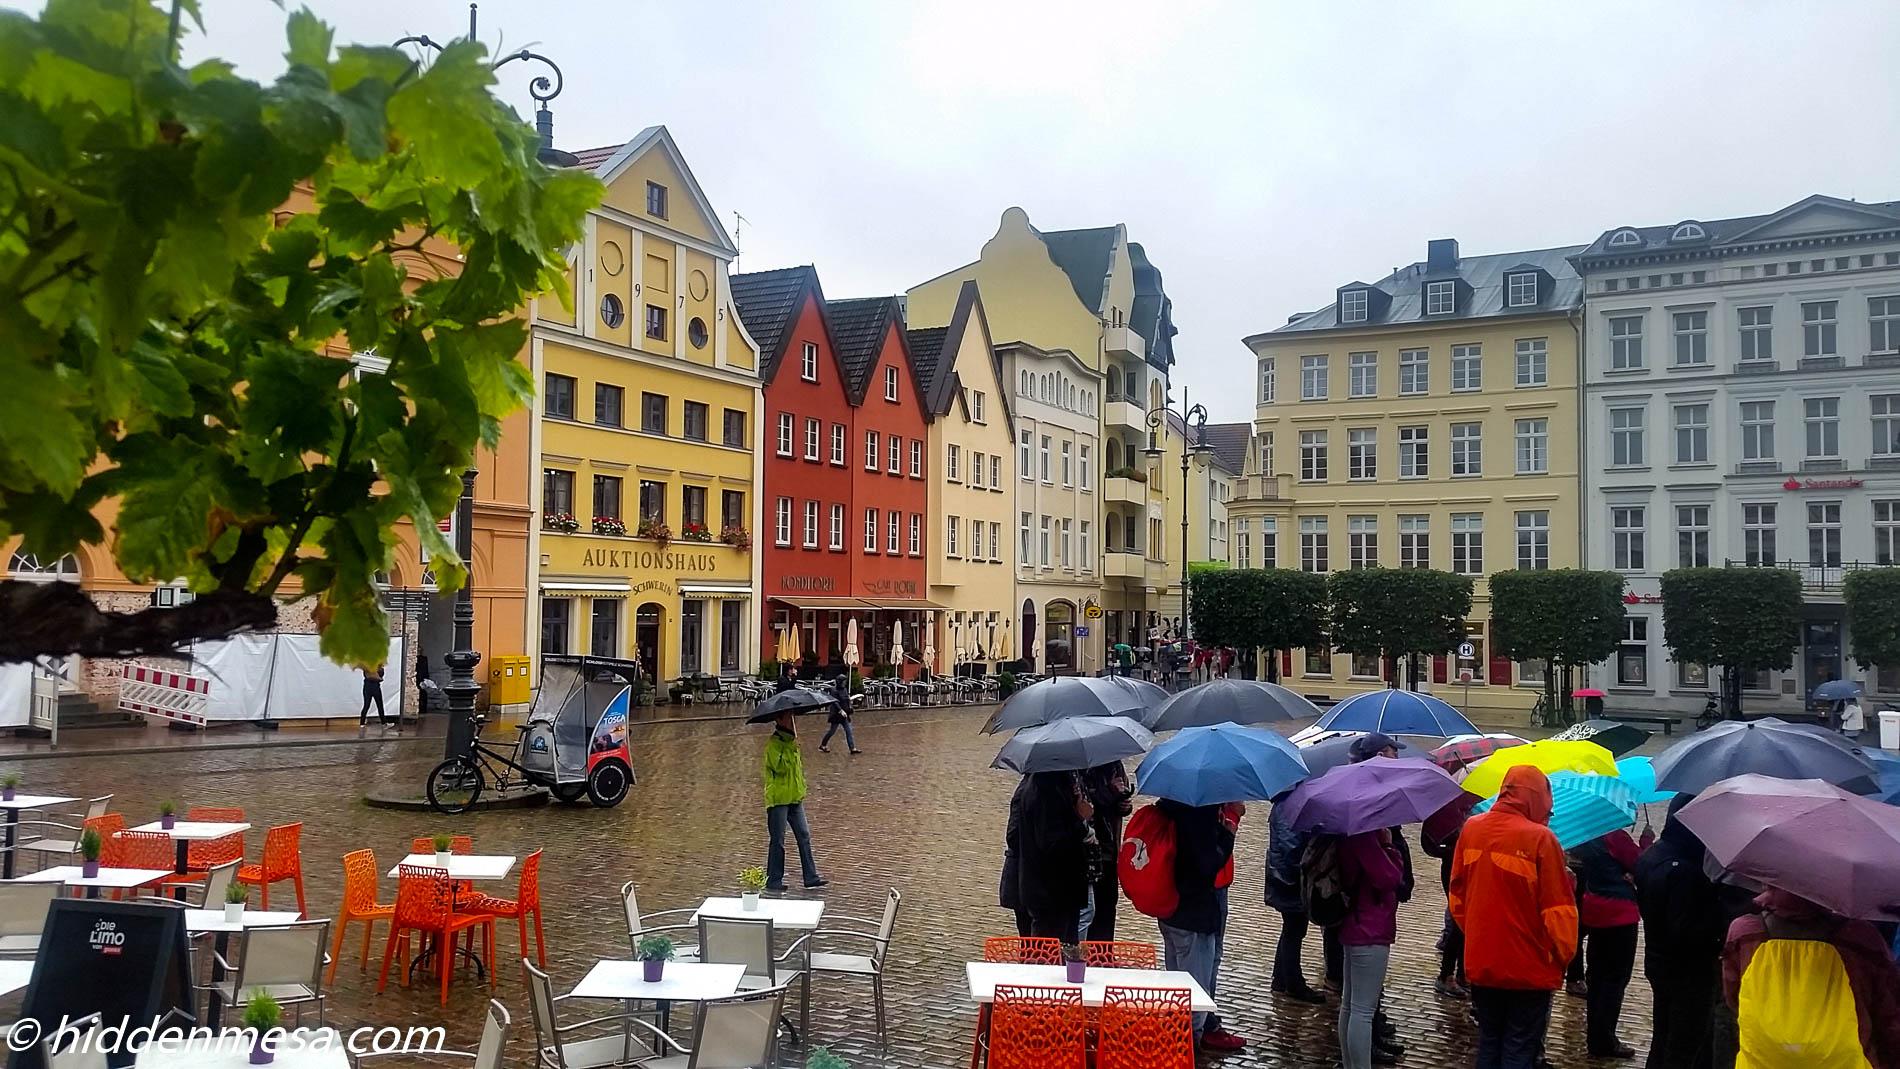 Market Square in the Rain